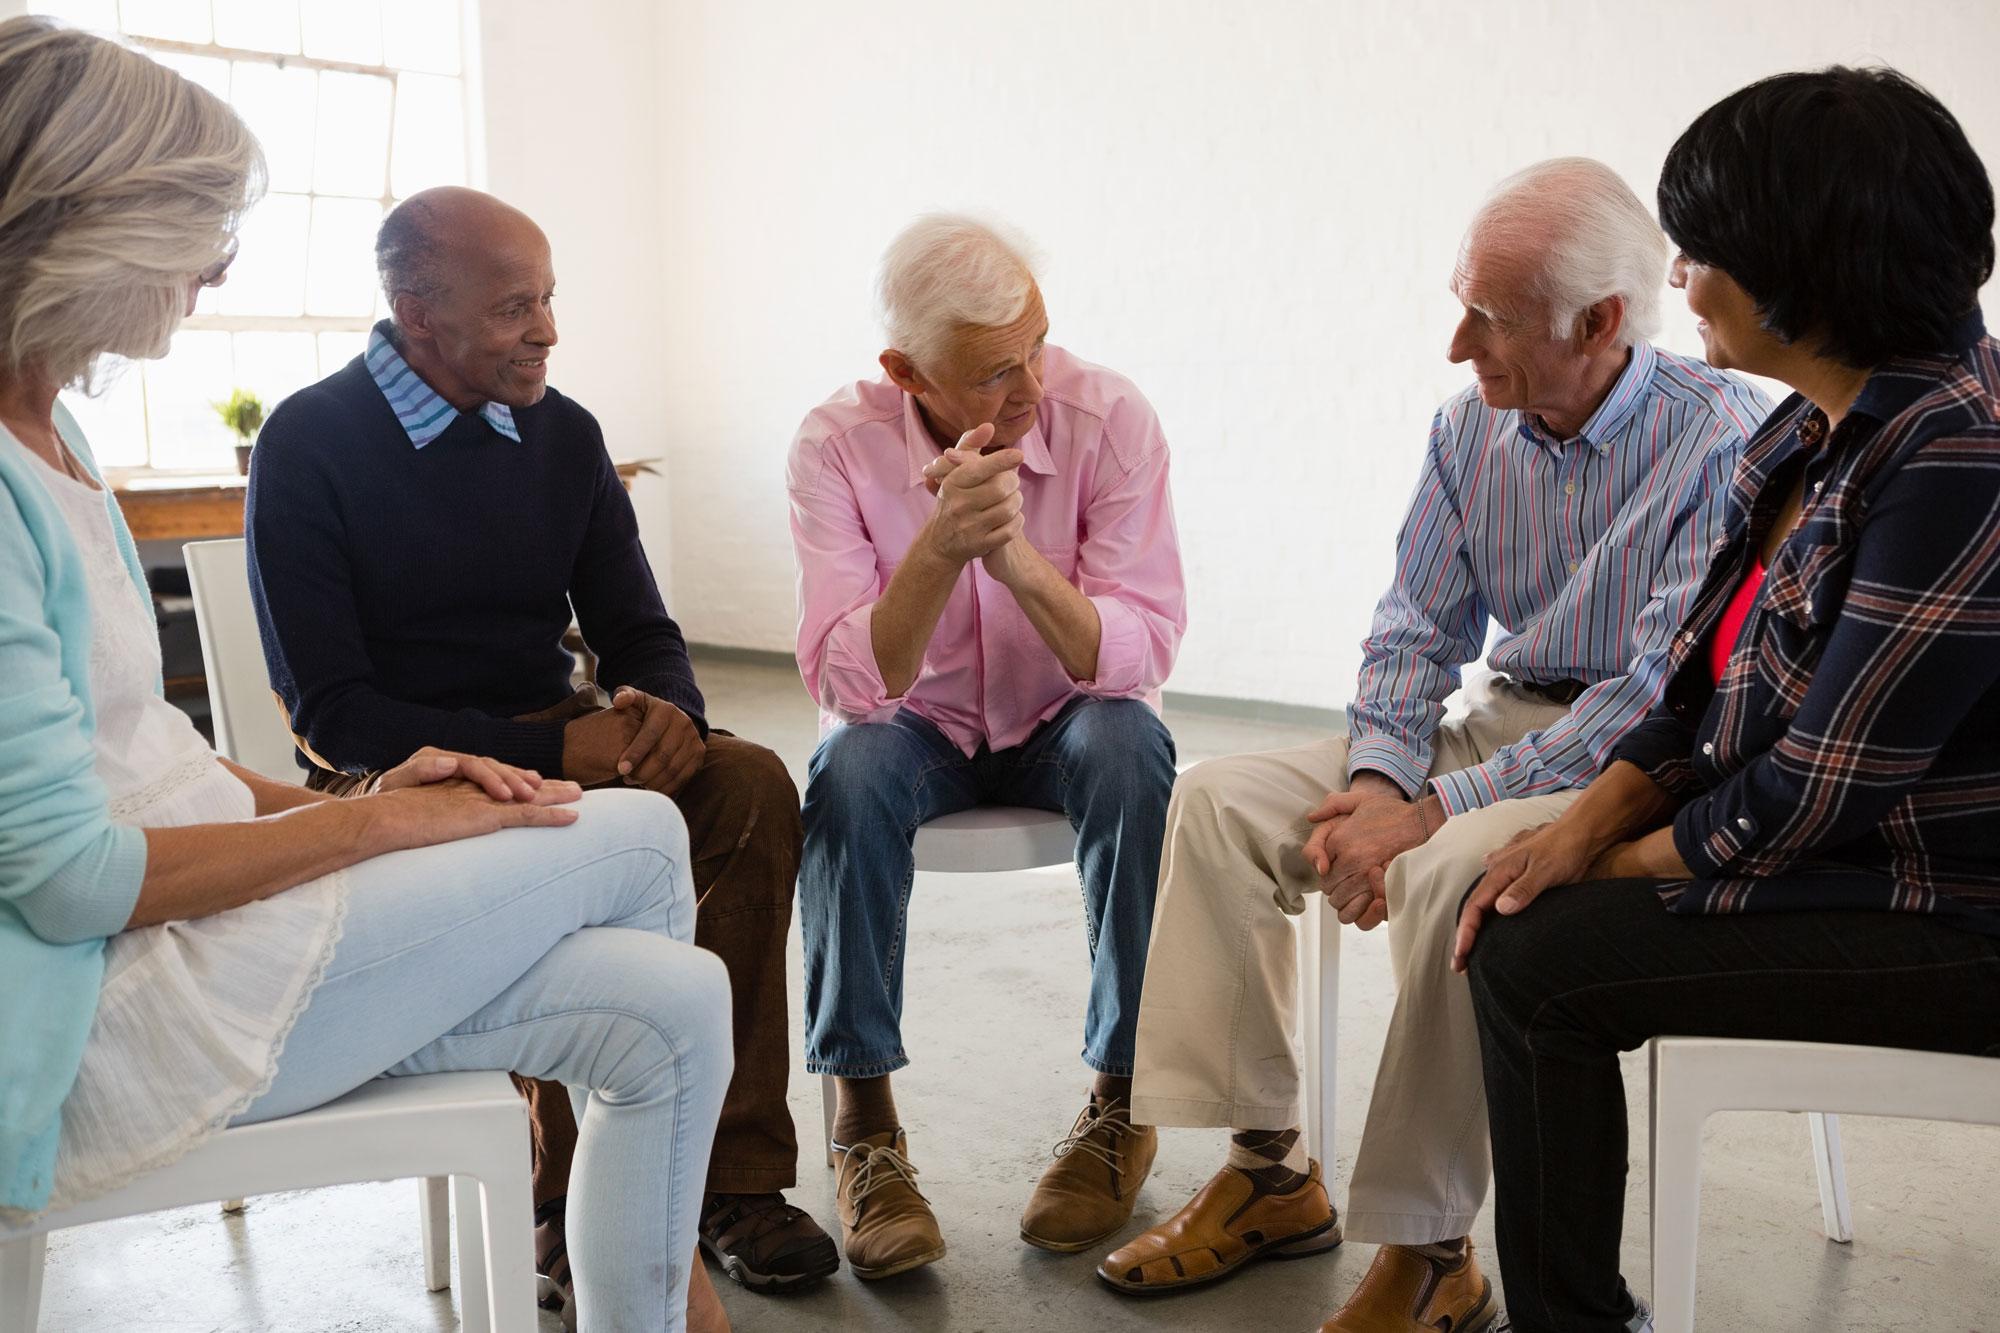 Eldre mennesker sitter i en ring og snakker